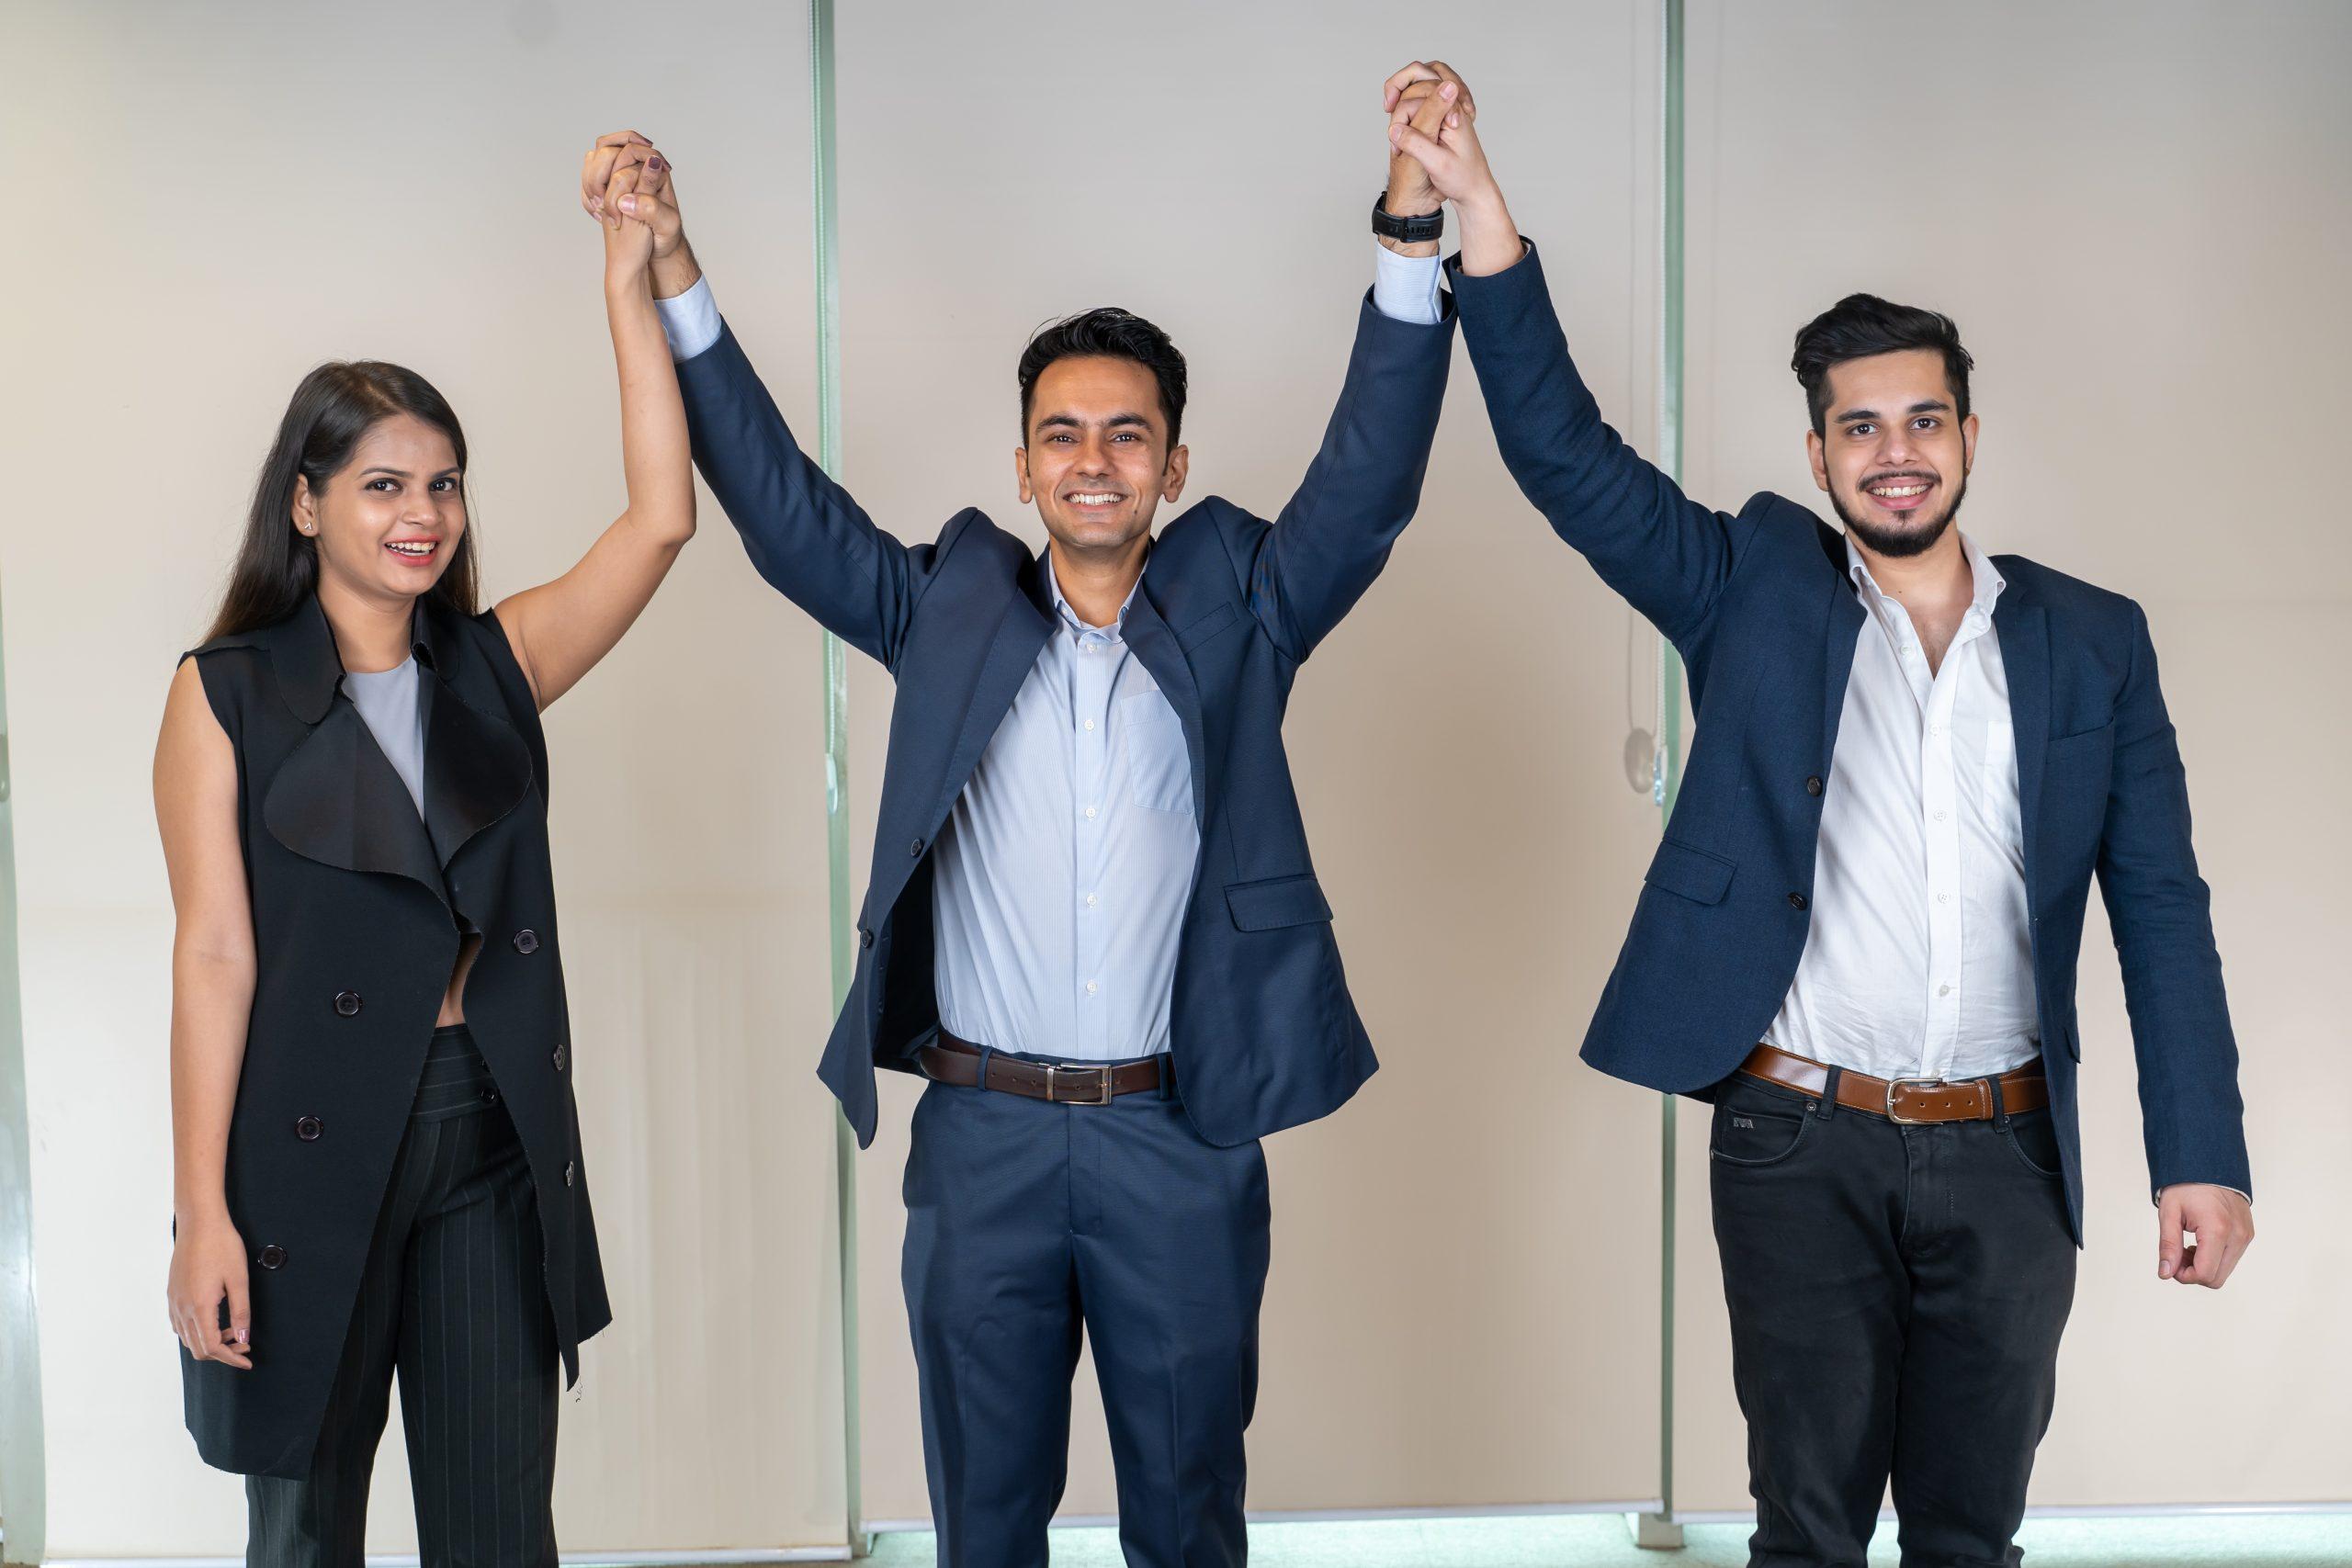 Boss congratulating employees